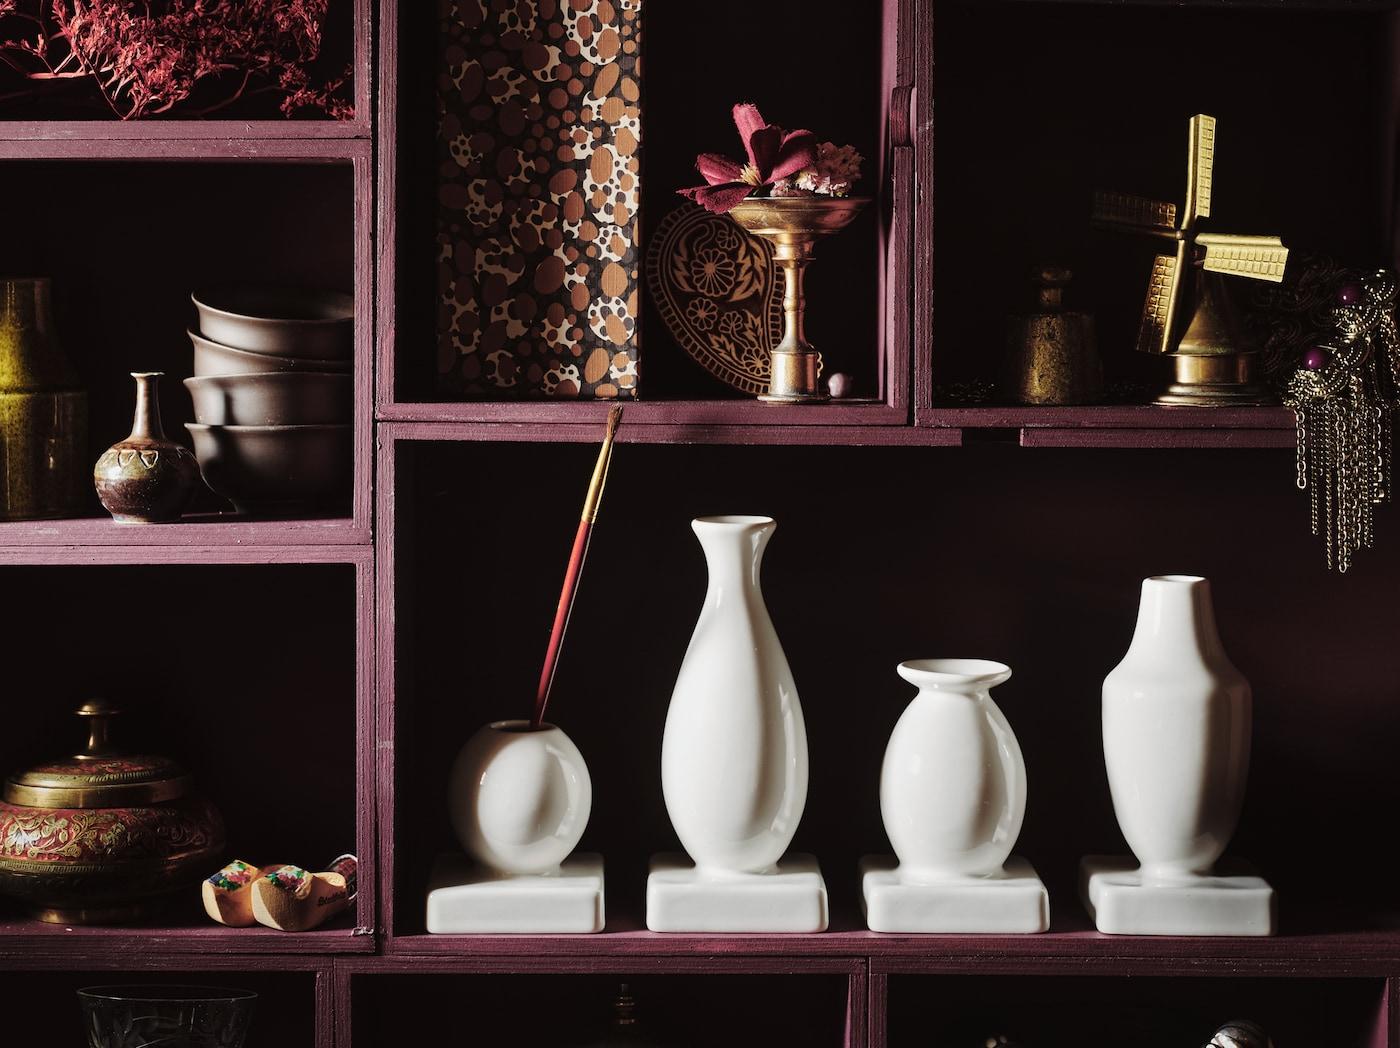 在摆放装饰品的储物柜上,有一套形状和大小各不相同的四件式KRINGGÅ 克里加 花瓶,白釉石瓷制成。